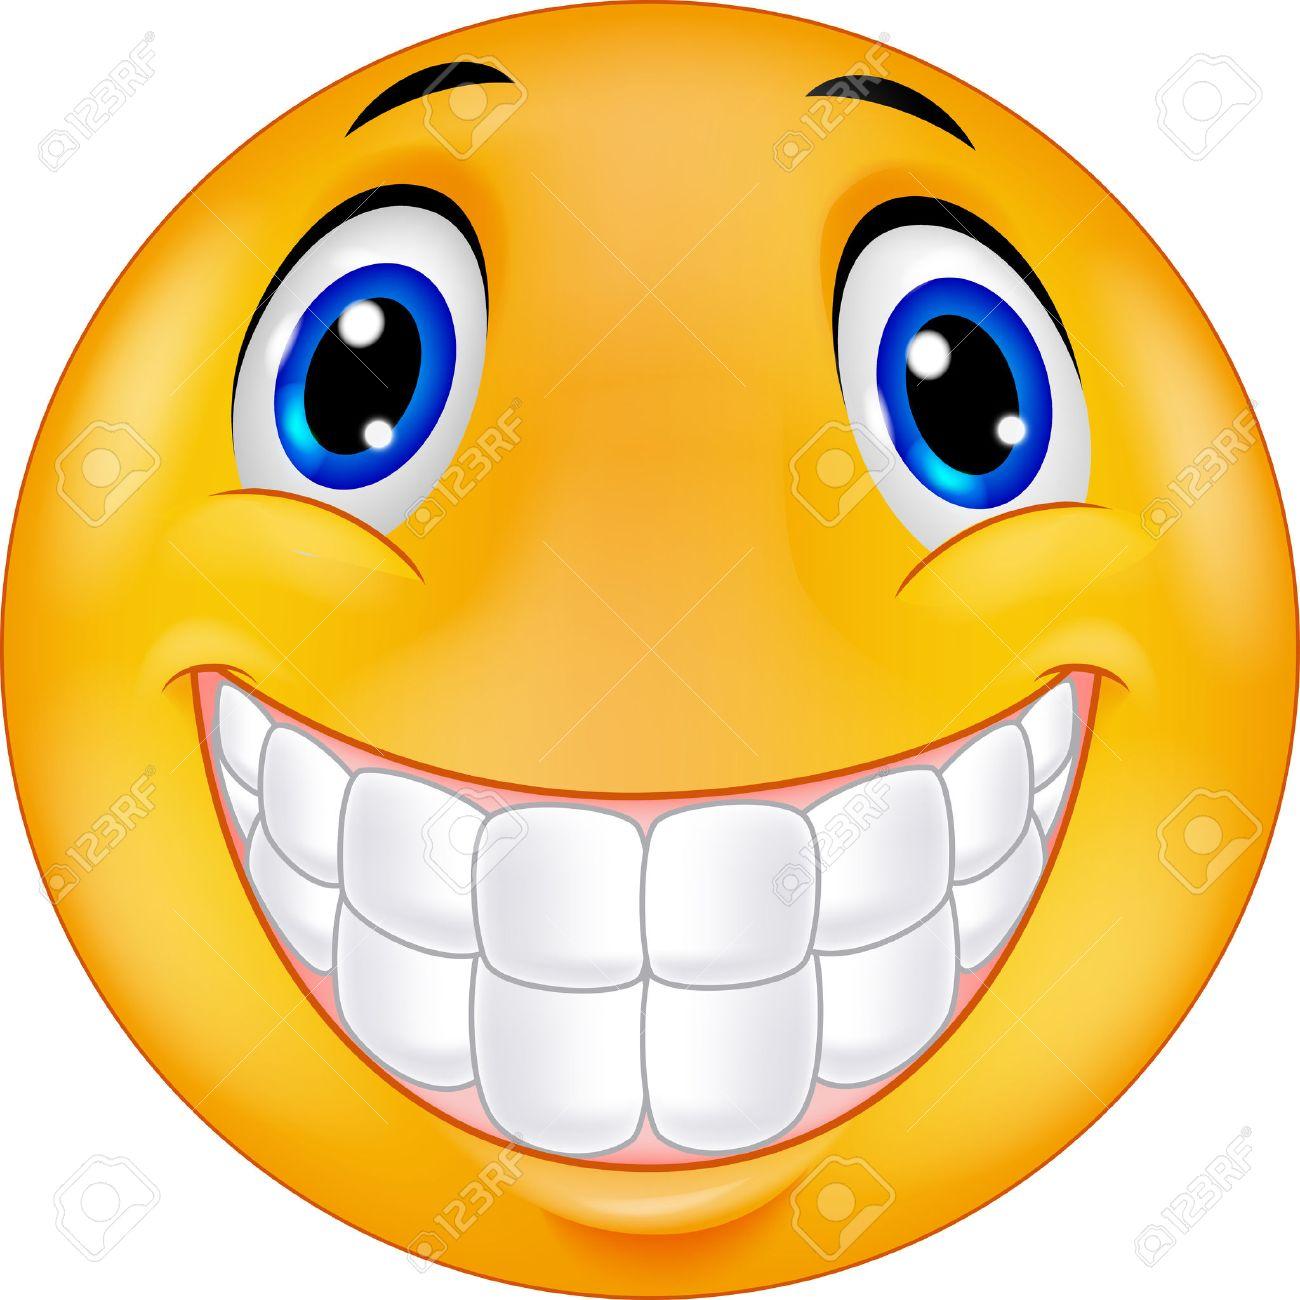 Happy smiley face cartoon royalty free cliparts vectors and stock happy smiley face cartoon stock vector 35858631 voltagebd Image collections